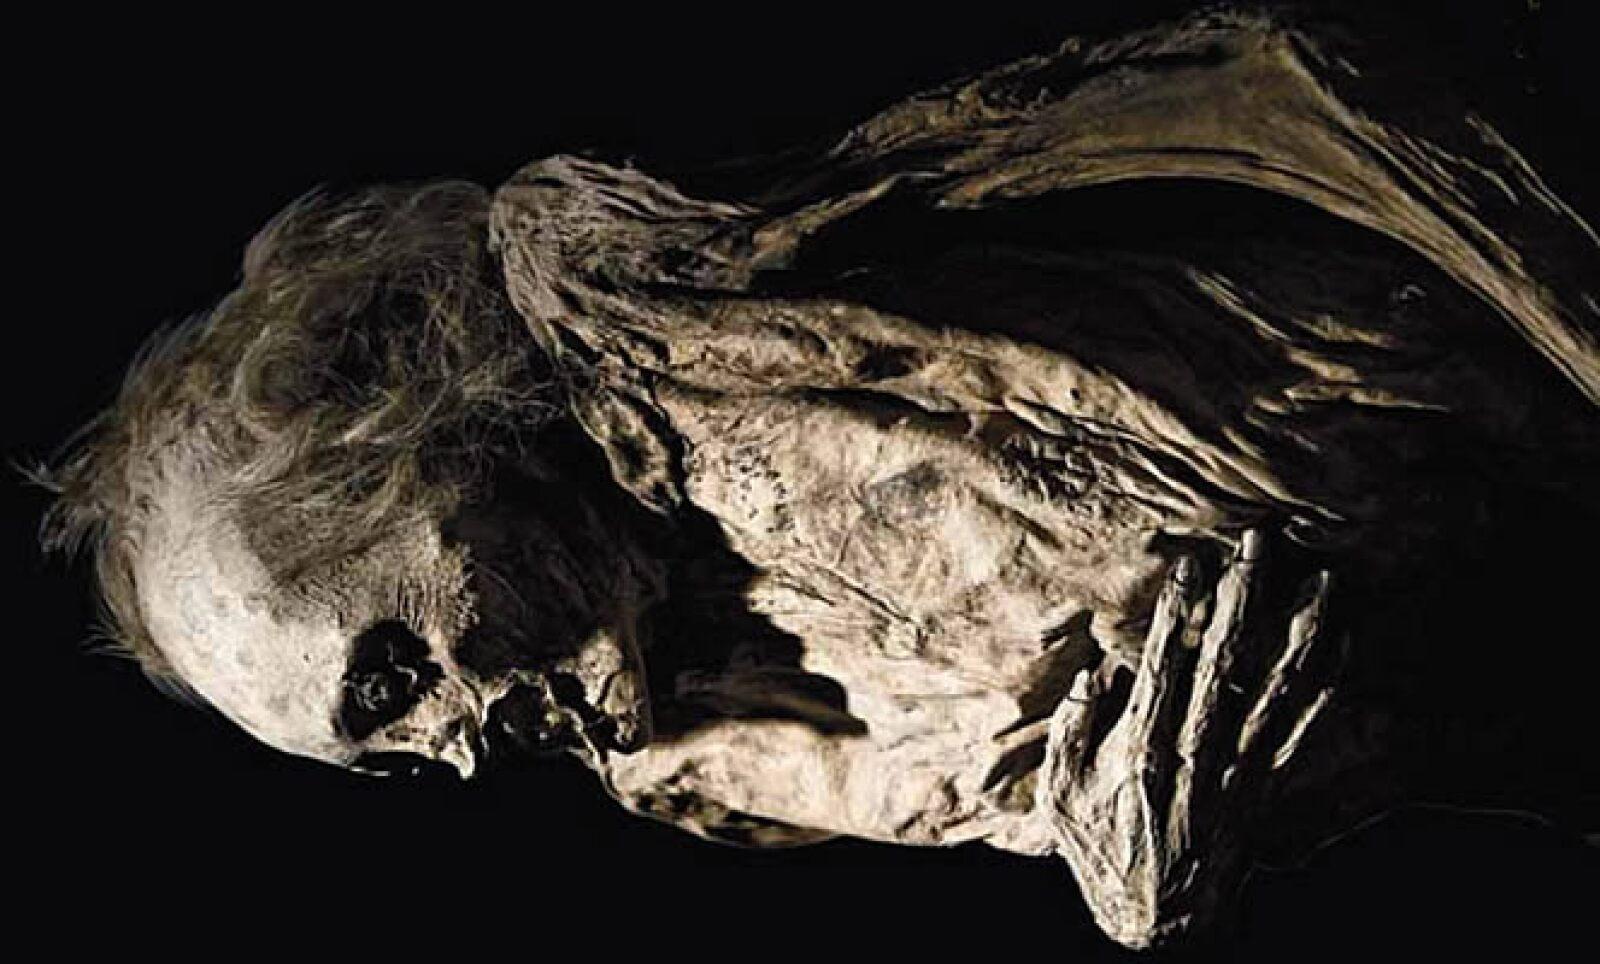 El tiempo que tarda un cadáver en deshidratarse no está documentado, se han encotrado cuerpos momificados con sólo 3 años de sepultura.